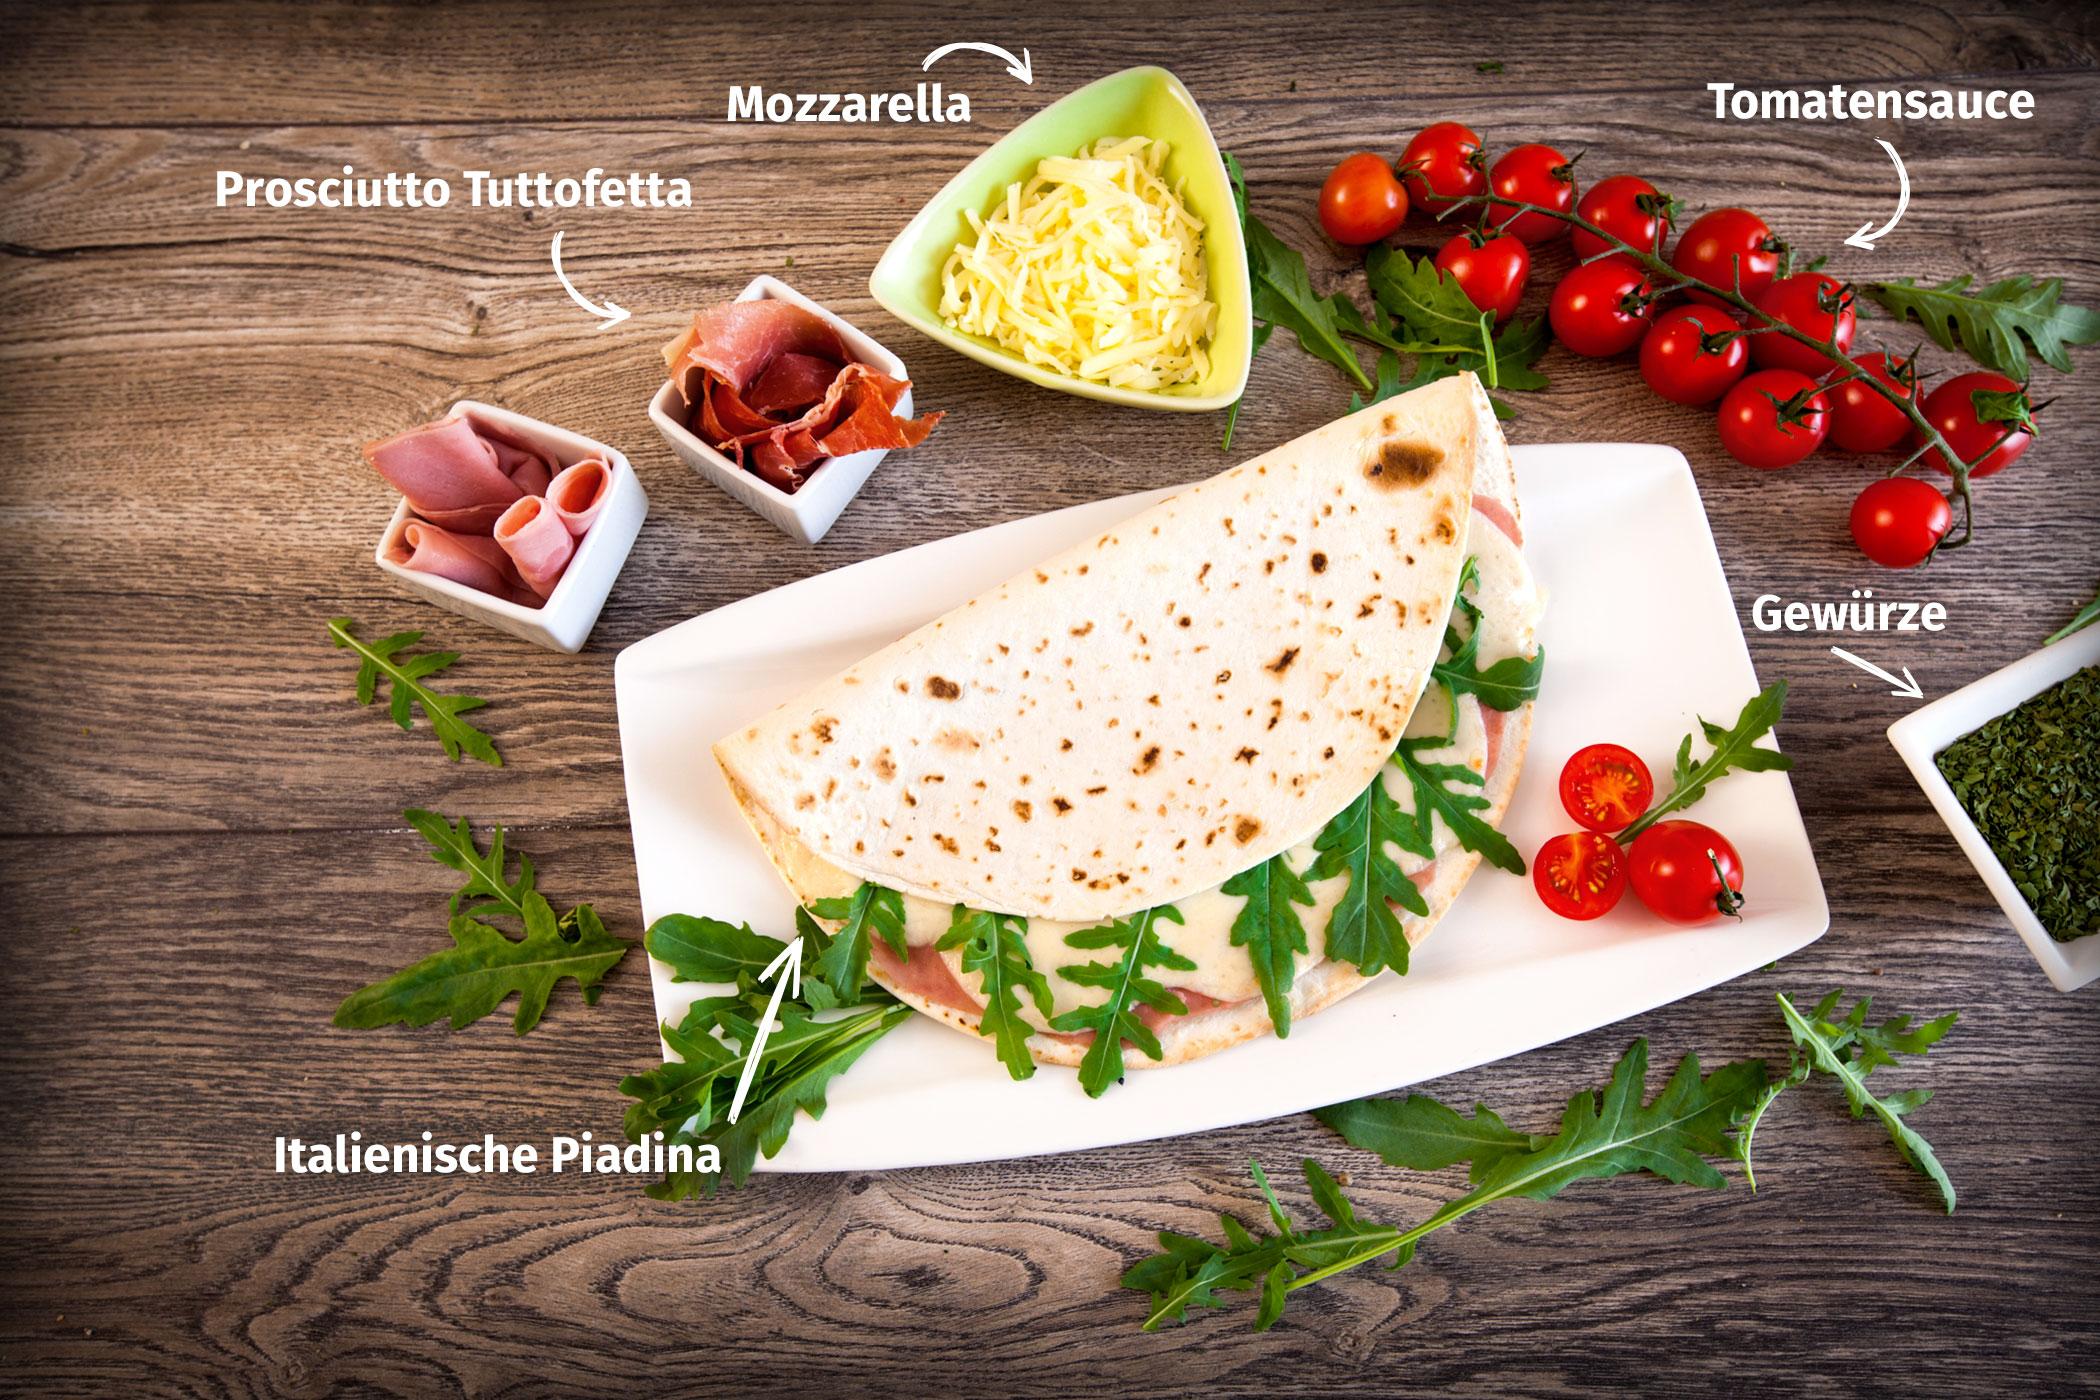 Original Franzesco Piadina Tuttofetta gefüllt mit Tomatensauce, Prosiutto Tuttofetta, Mozzarella und Gewürze